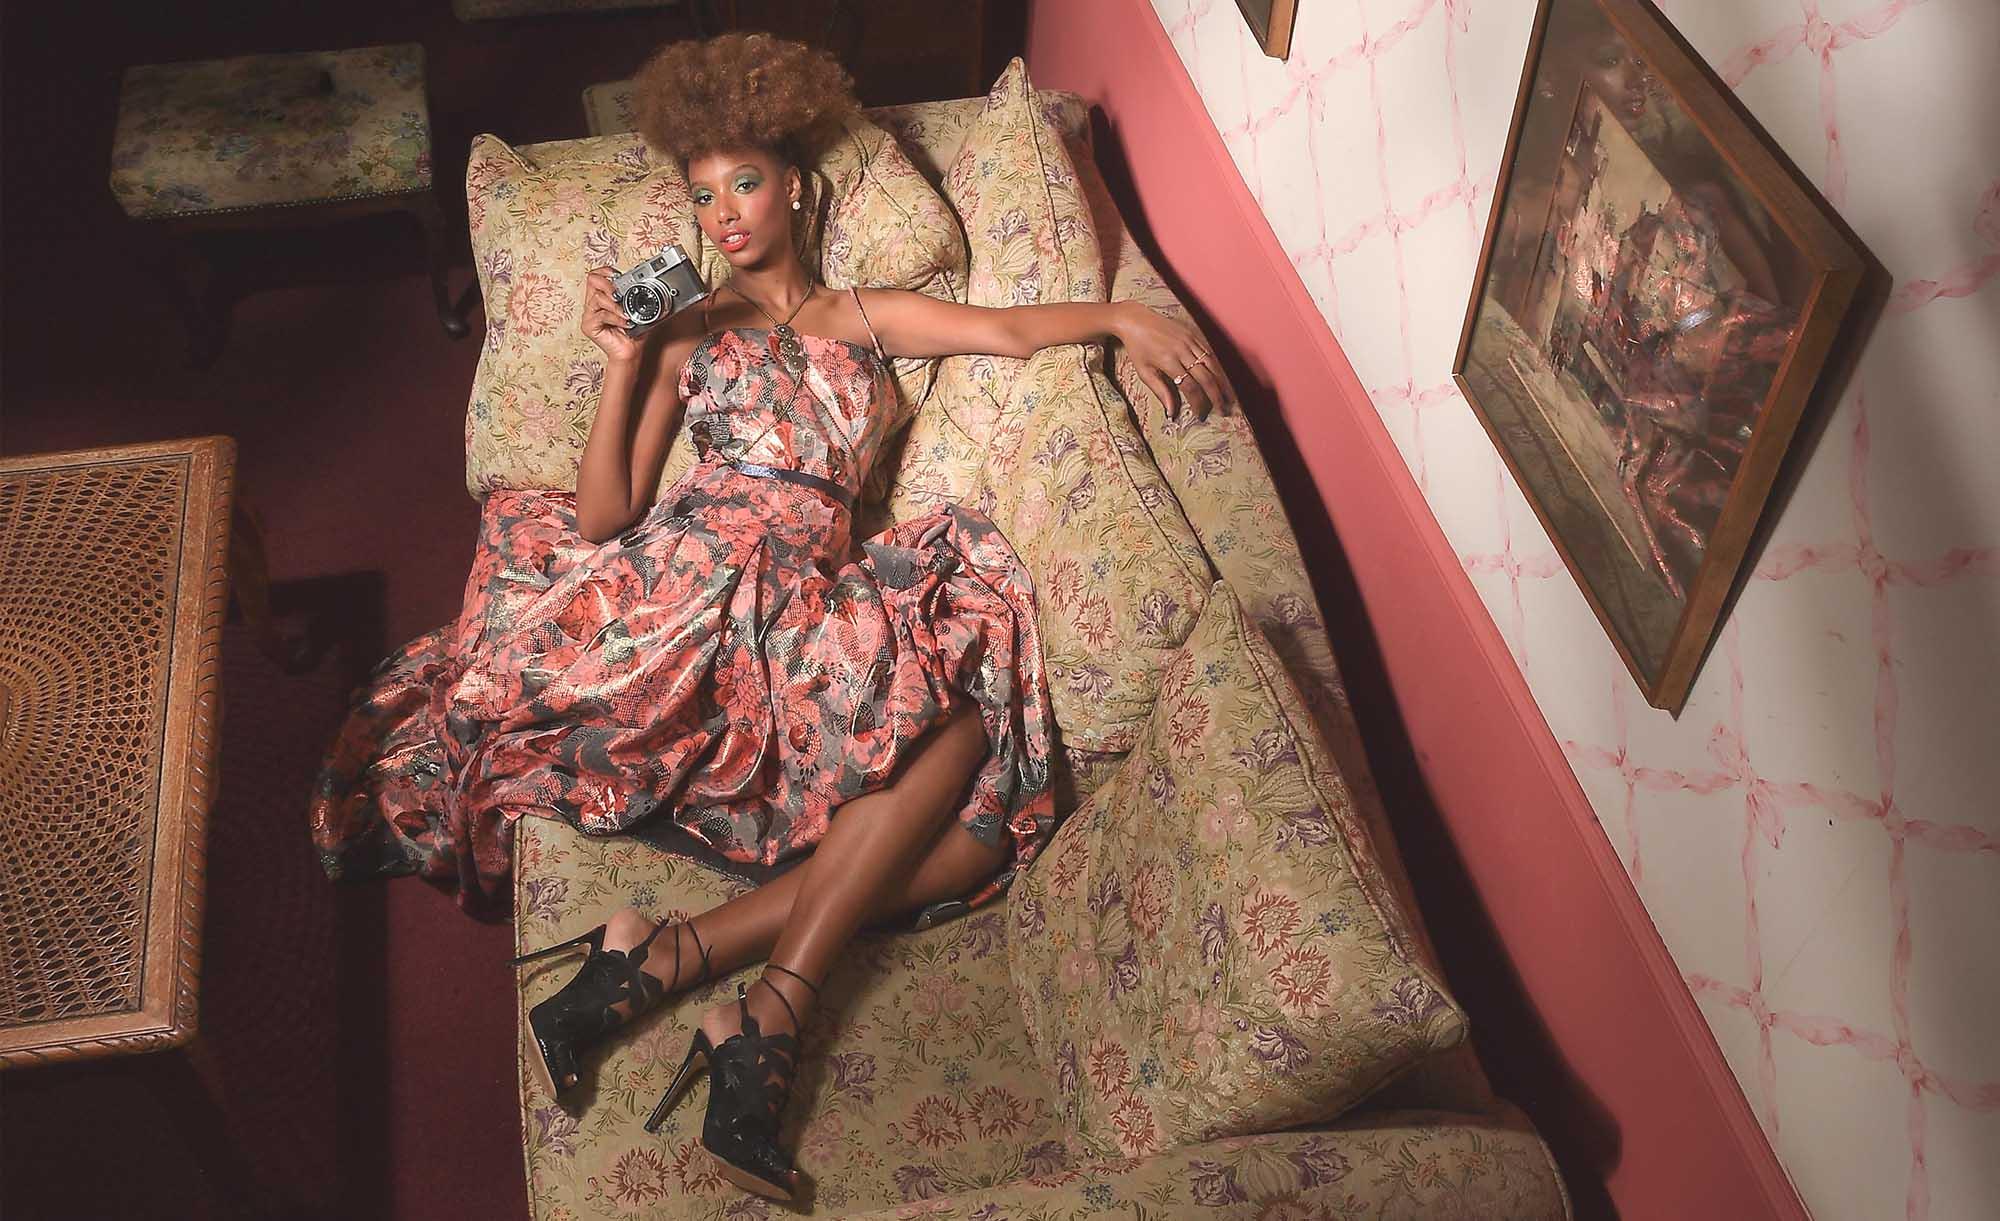 צילום: אילן סימן טוב סטיילינג: קסניה רויטבורג איפור: דידי פז עיצוב שיער: שרון פור דוגמנית: מזל מרשה ל-MC2 עיצוב אופנה: יובל רביד - כיכר המדינה, הפקות אופנה -99